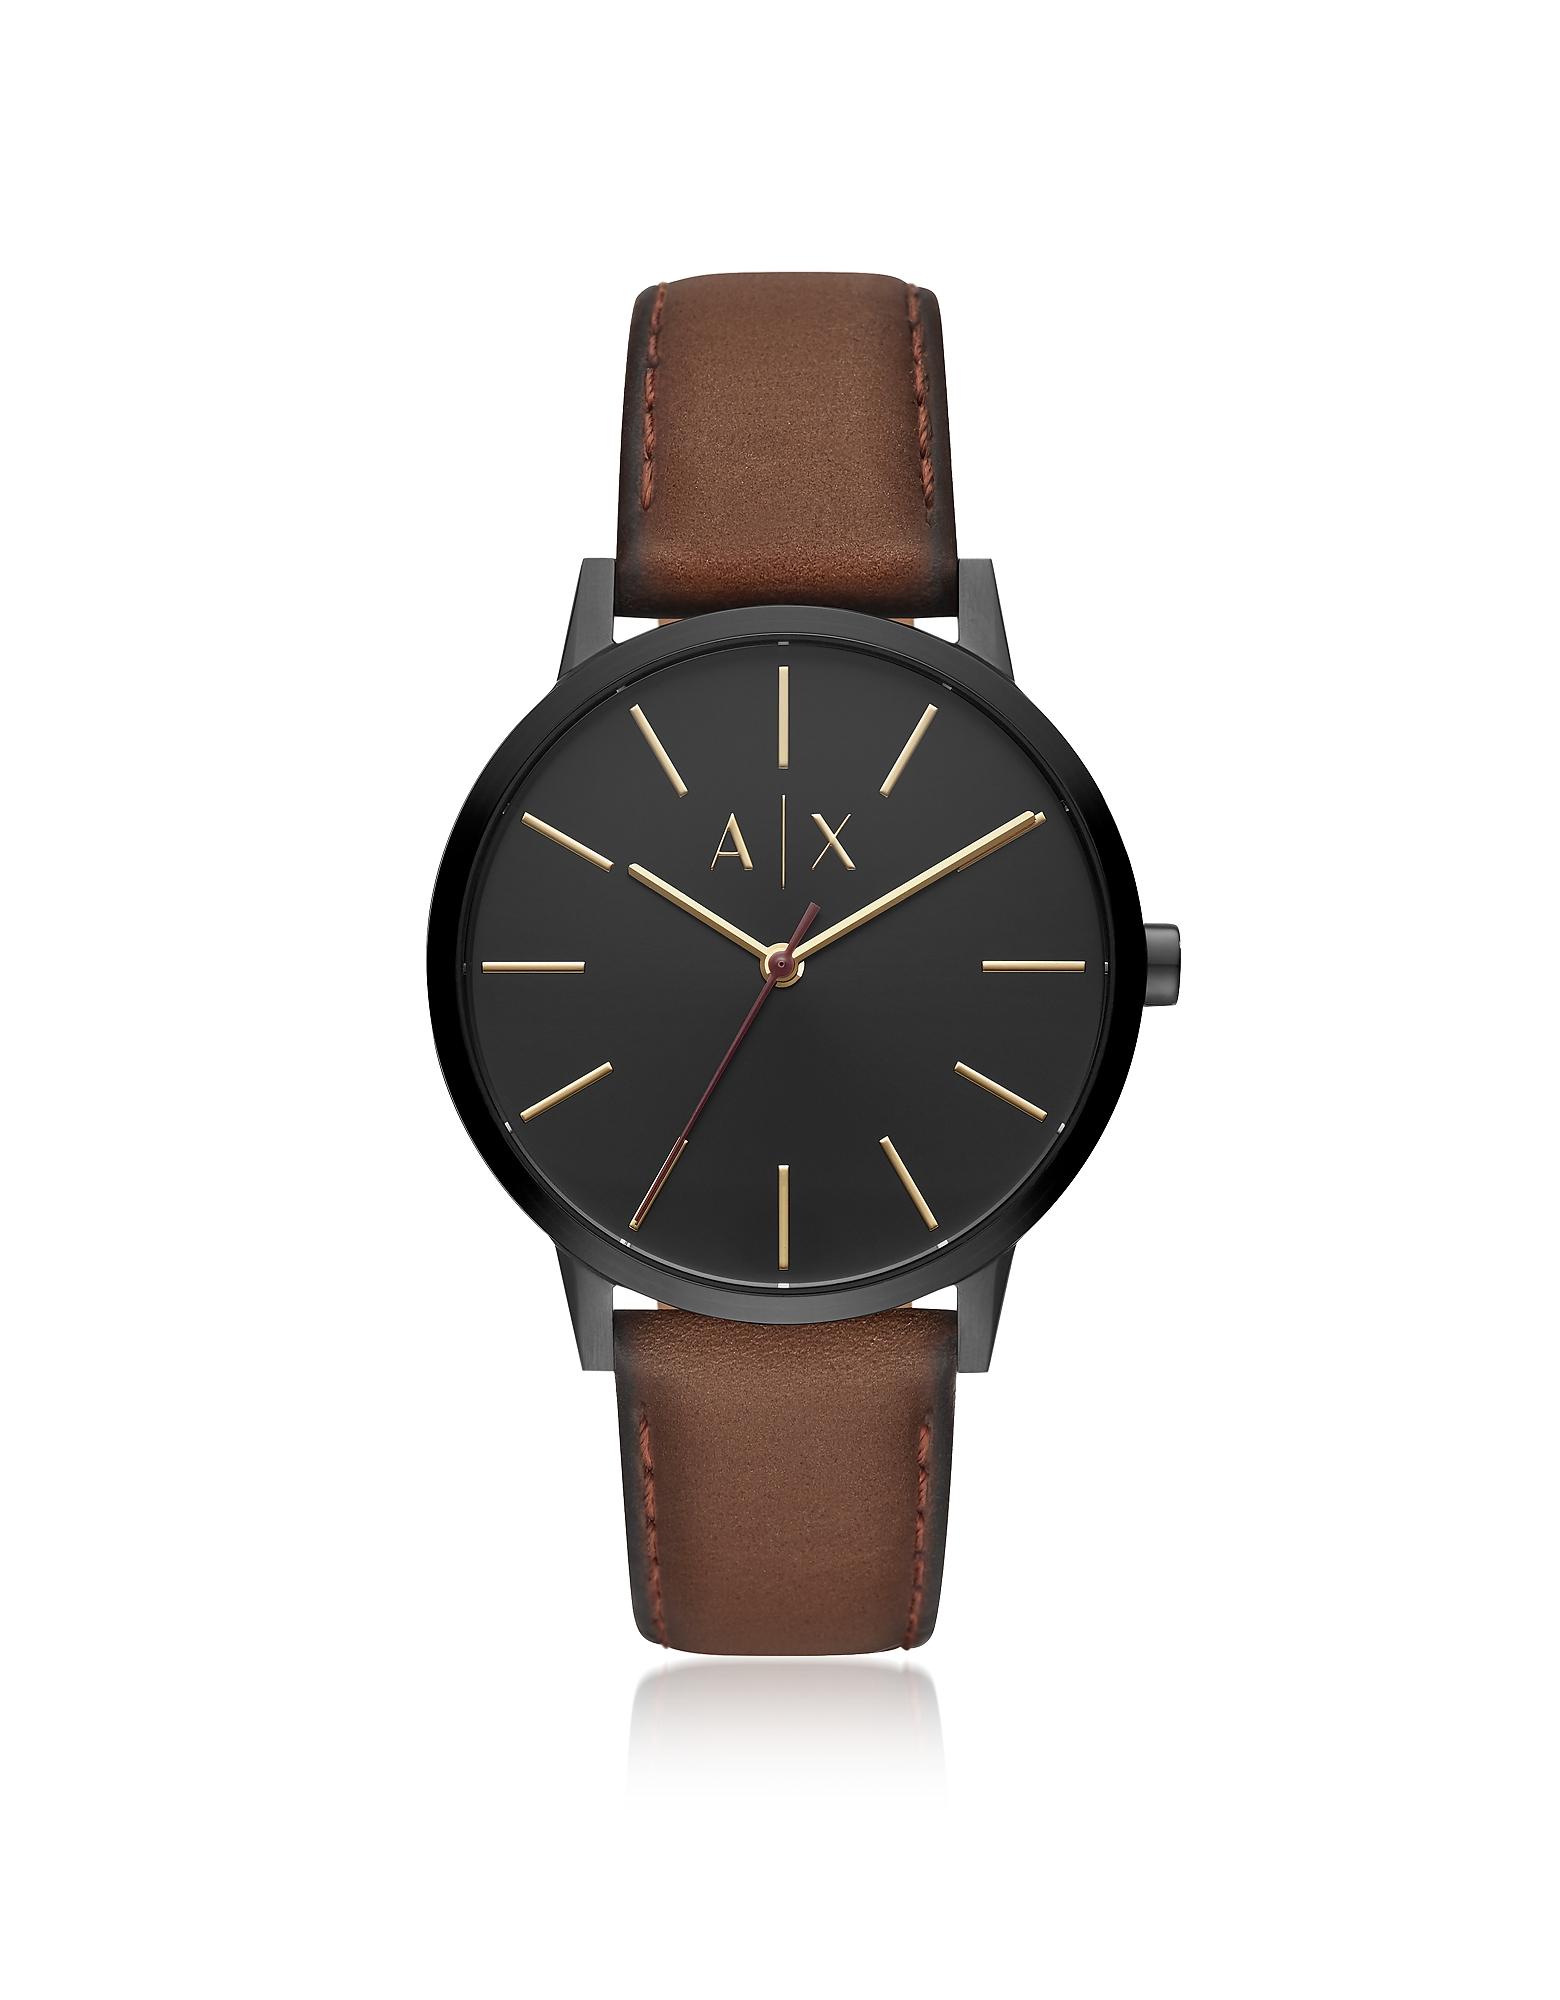 Мужские Часы AX2706 Cayde Emporio Armani